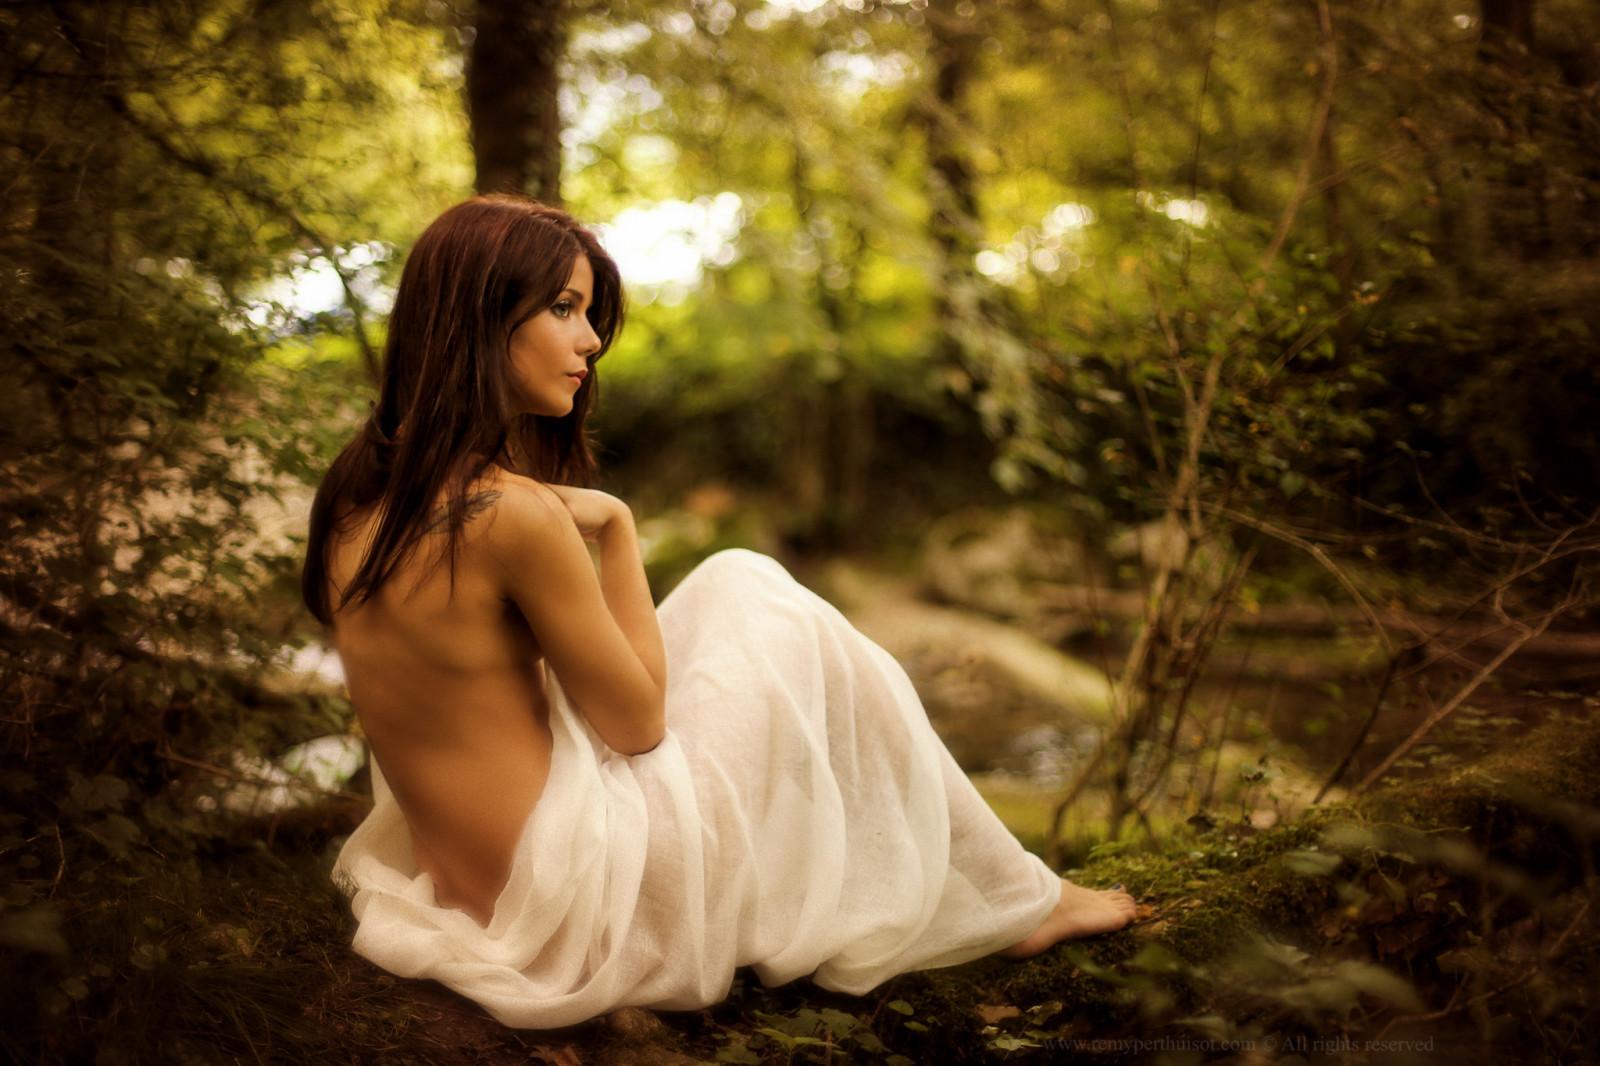 Kostenlose Geschichten Milf in den Wäldern